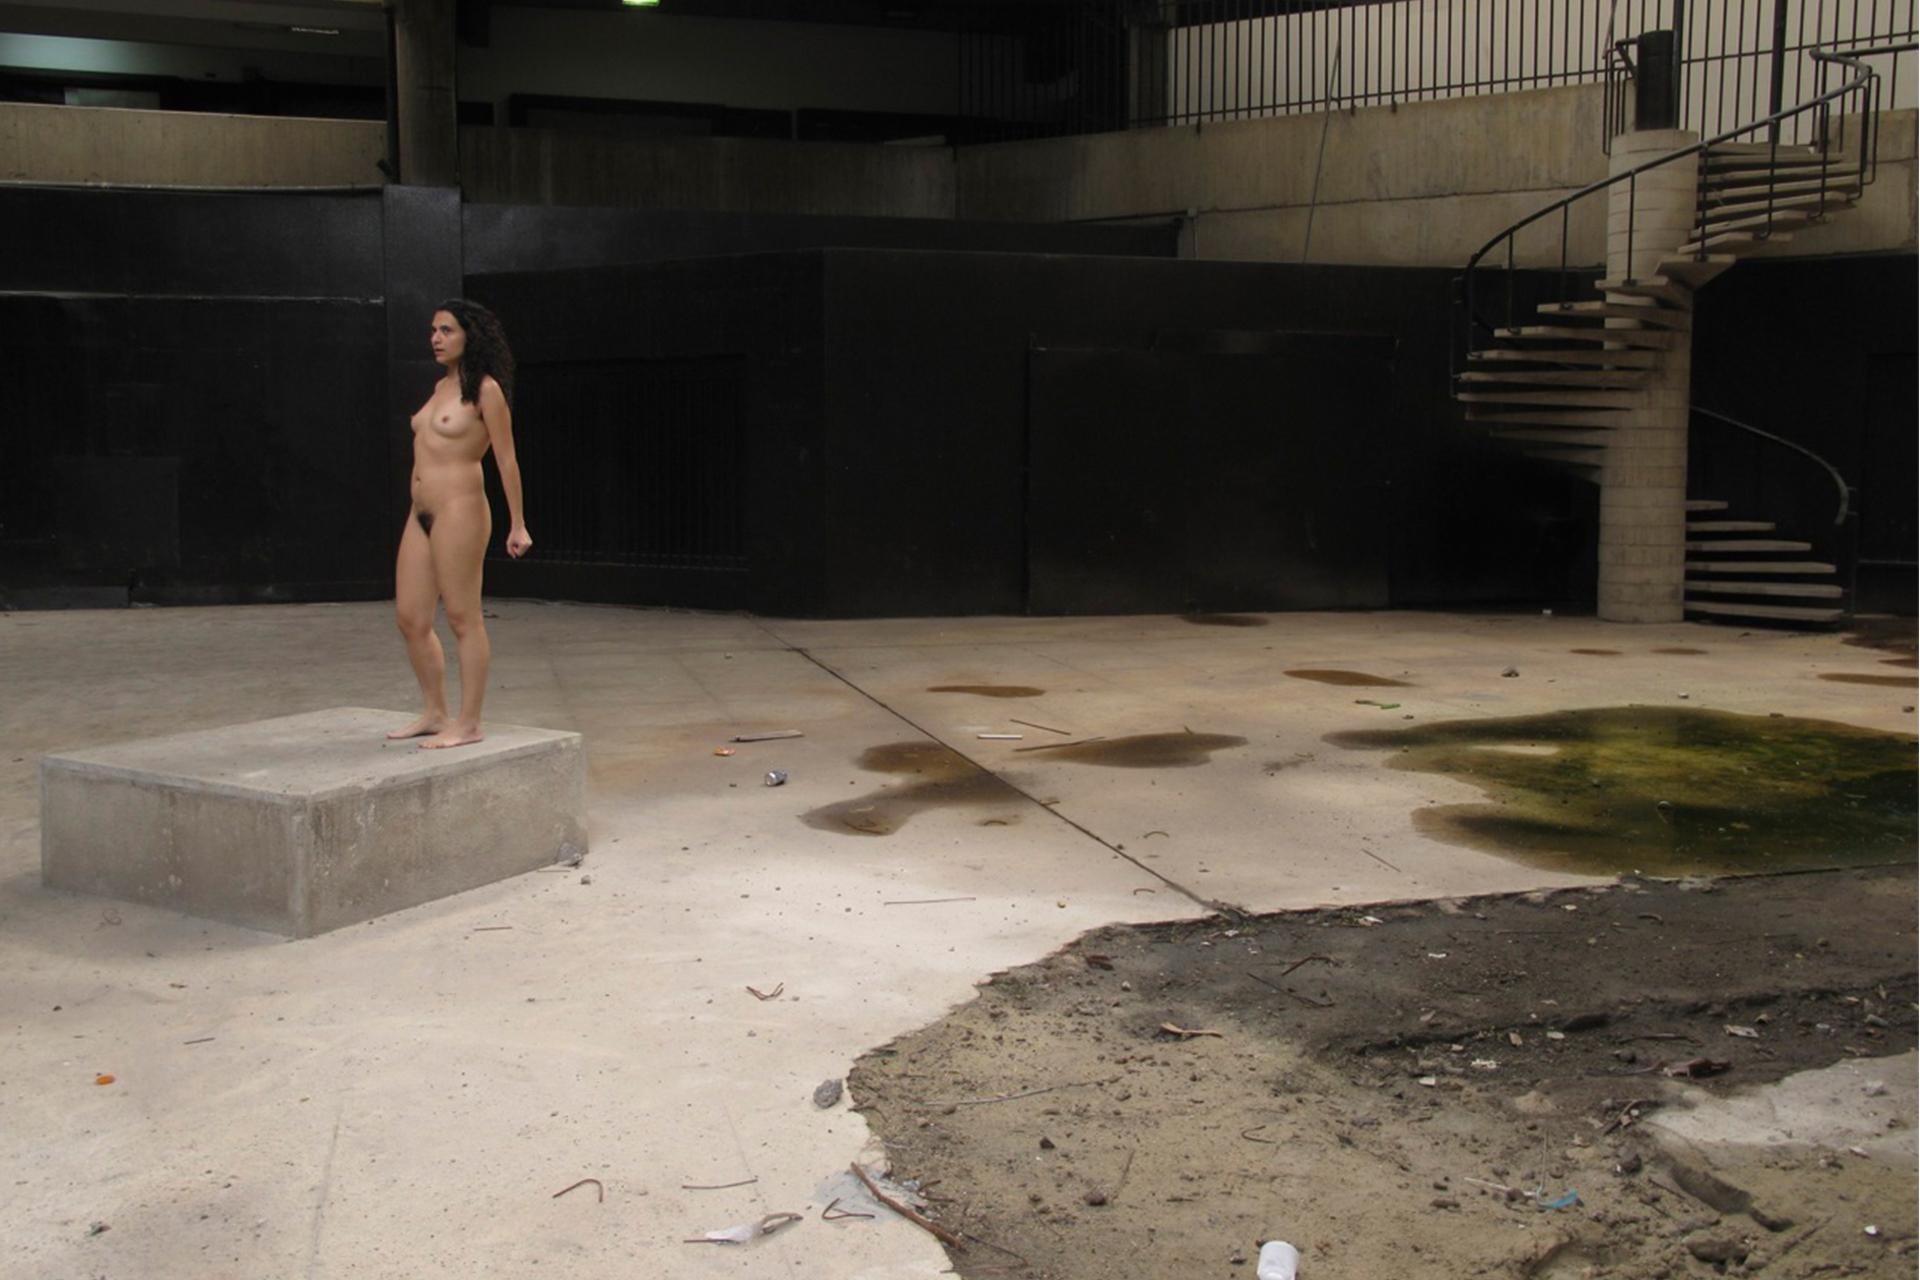 Intervención al Museo de Arte Contemporáneo de Caracas, Fotoasalto, 2011.